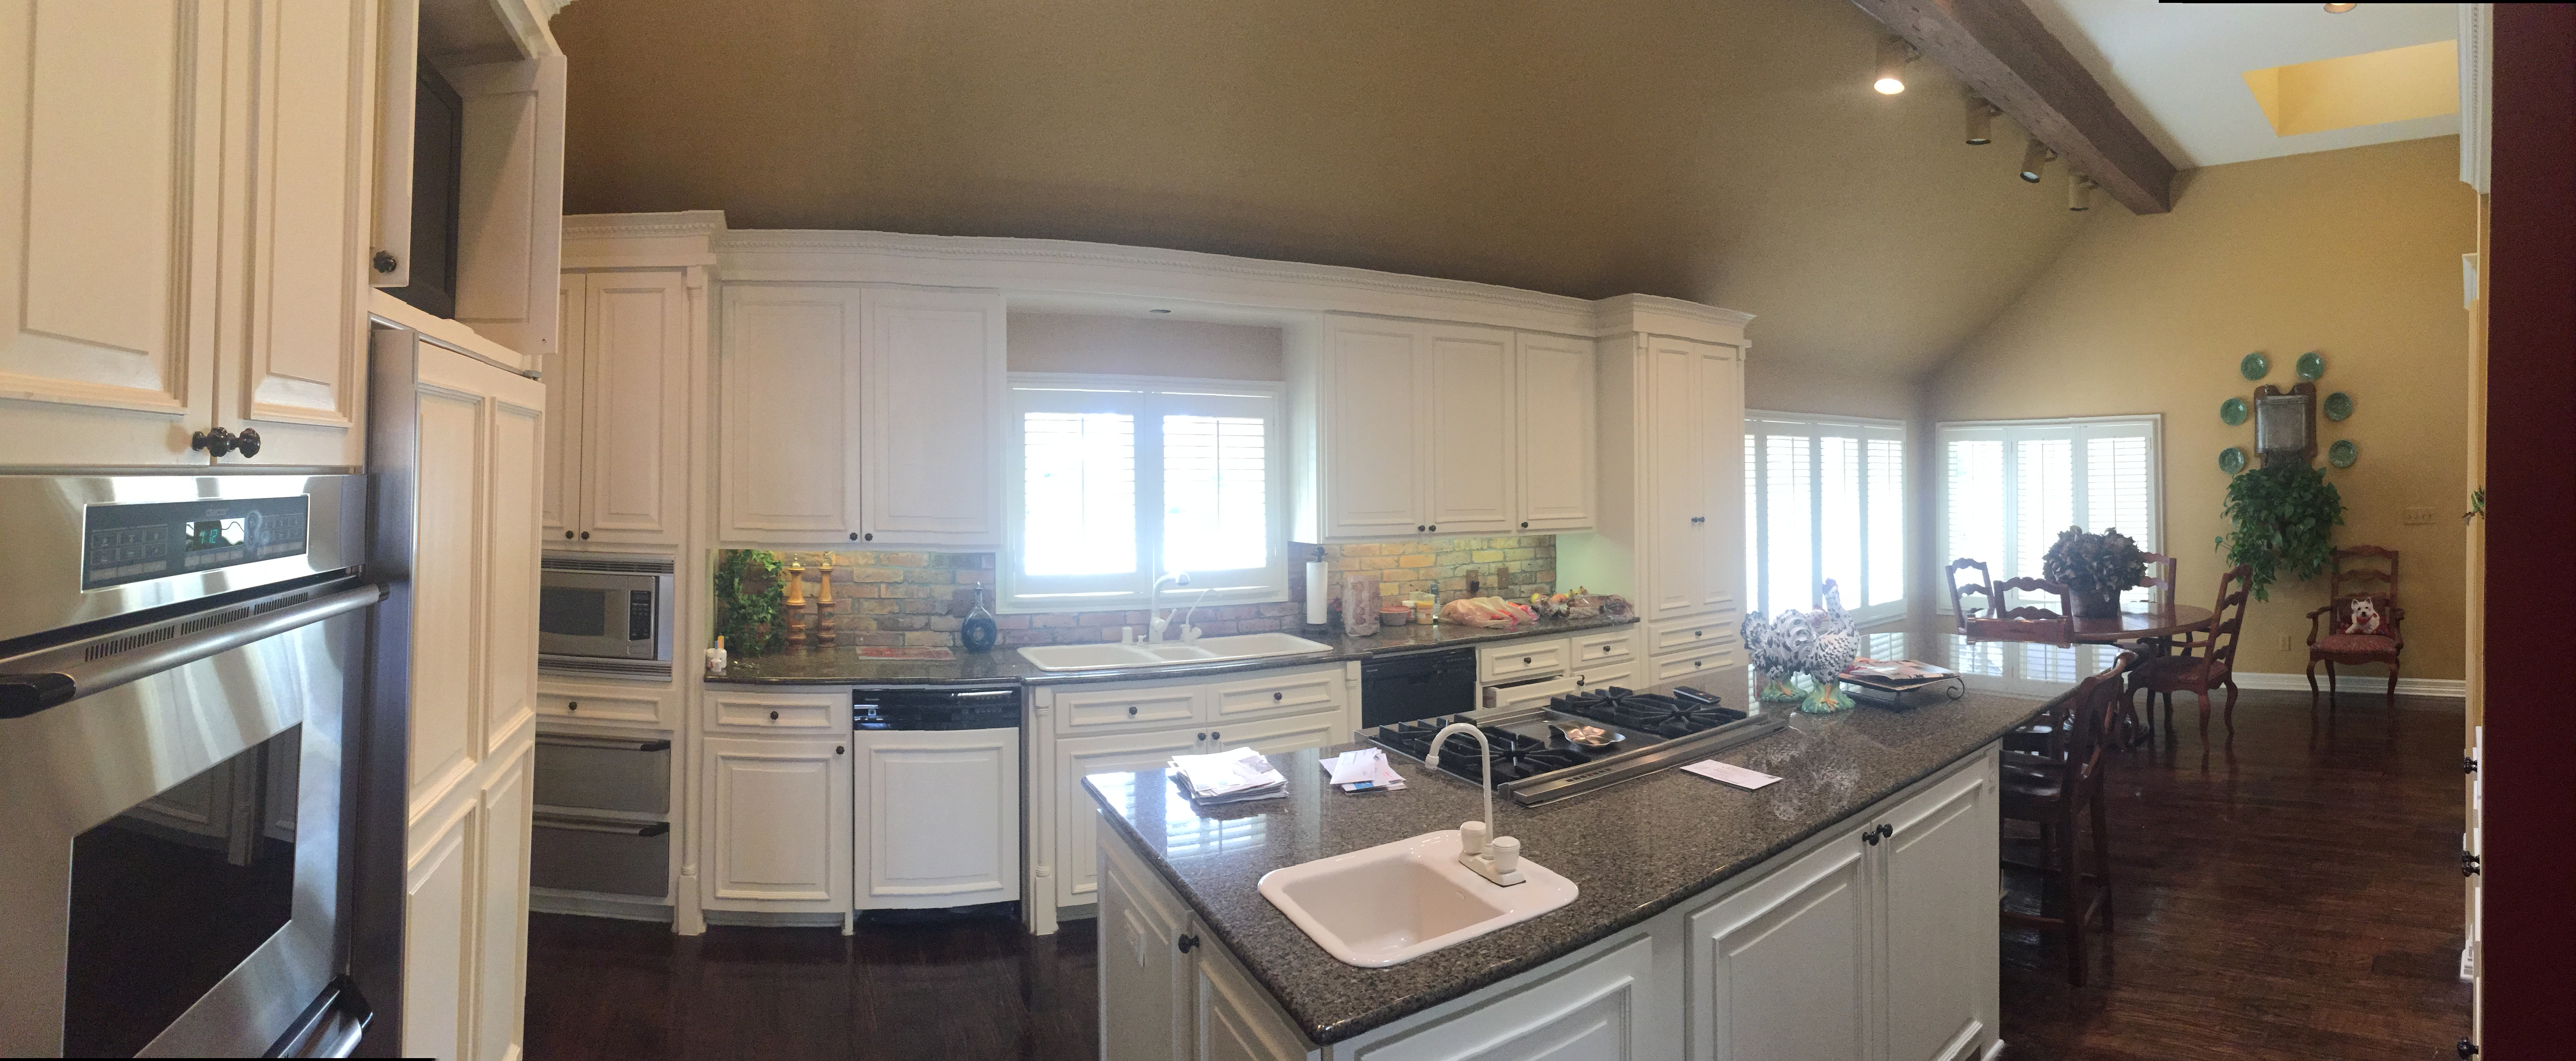 Redecorating My Kitchen and Den – Hadley Court - Interior ...